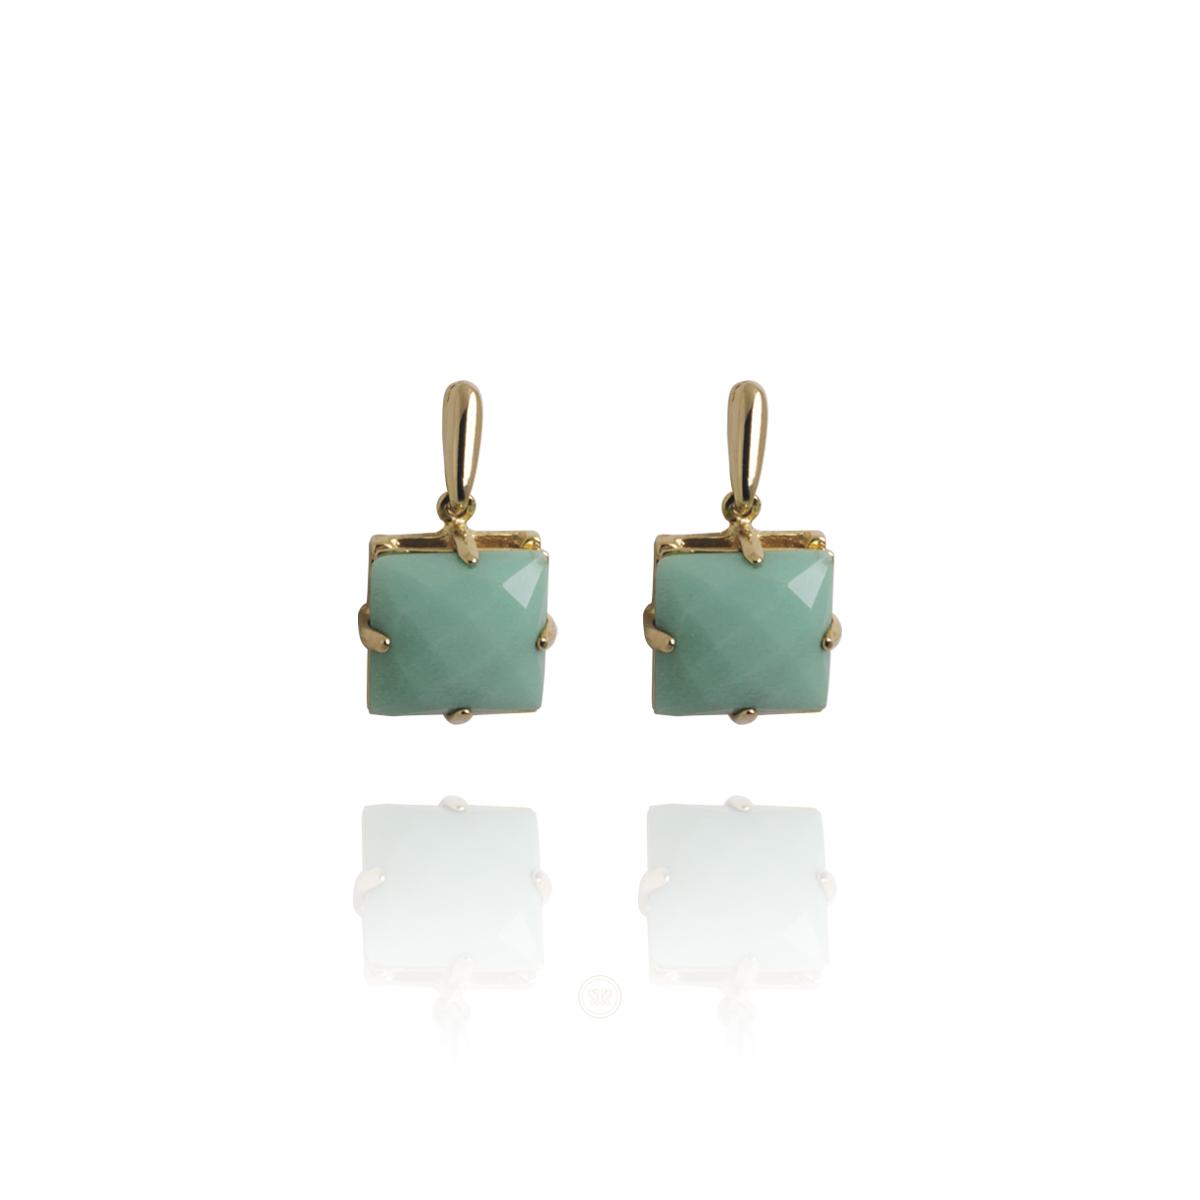 Brinco Barbara Strauss Semi Joia Barrie Em Resina Lalique Verde, Revestido Em Ouro Amarelo 18K